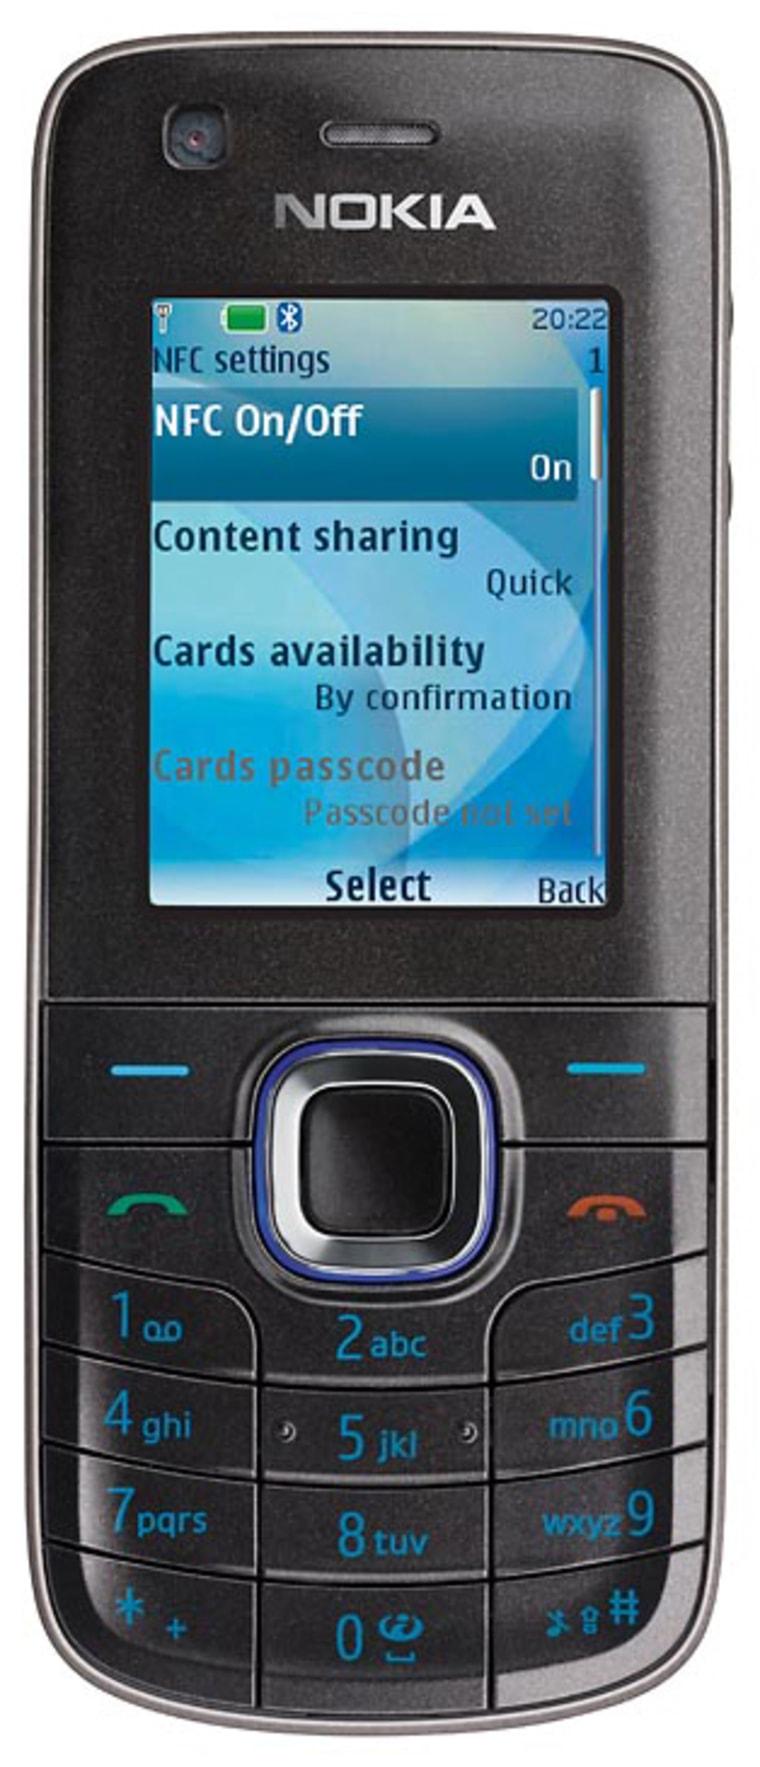 Image: Nokia 6212 Classic